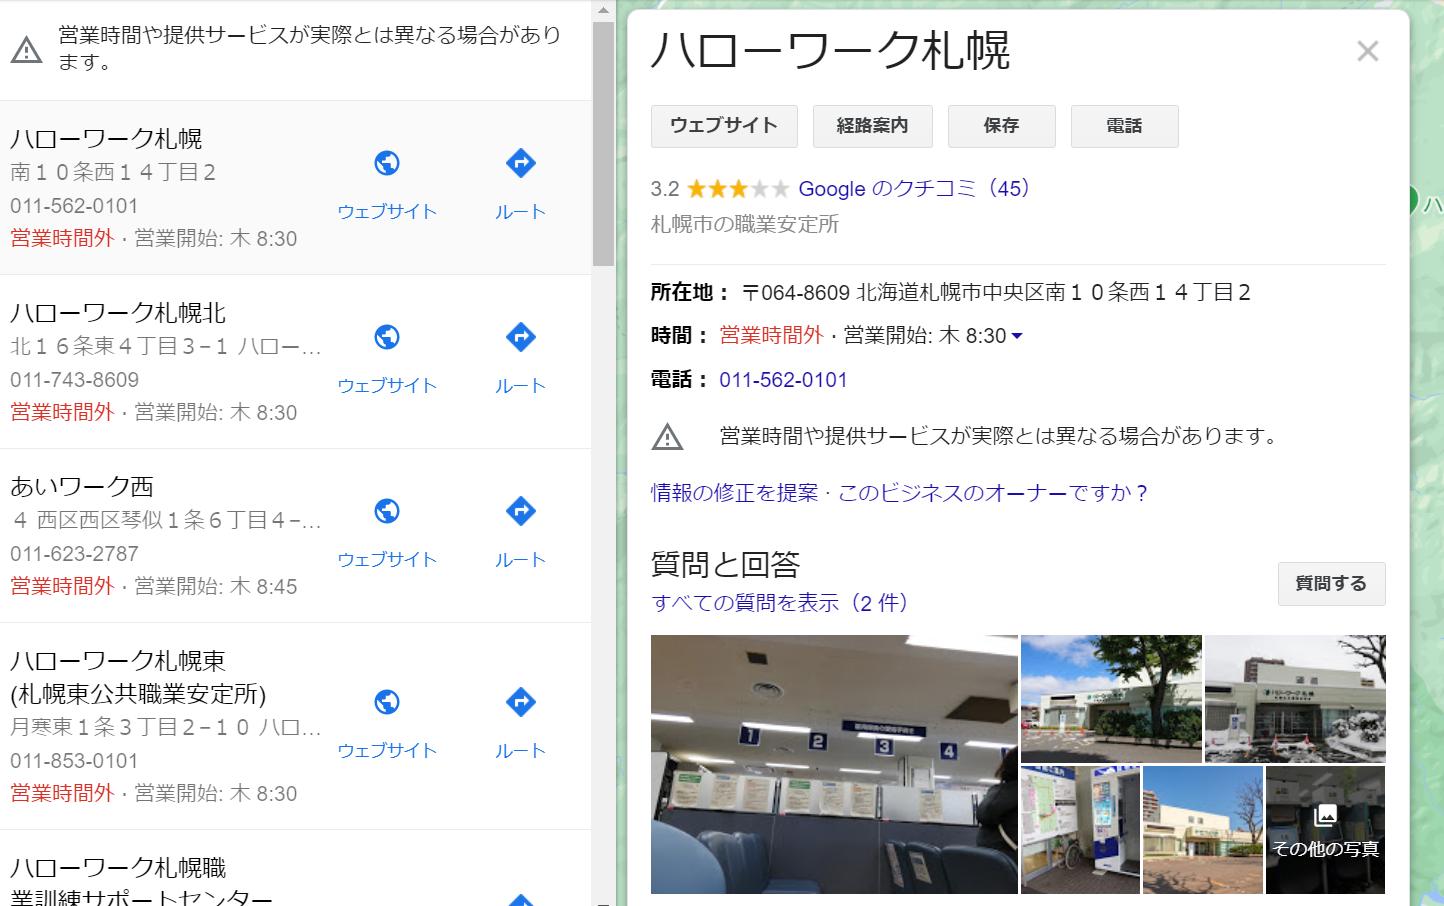 ハローワーク札幌の検索結果詳細